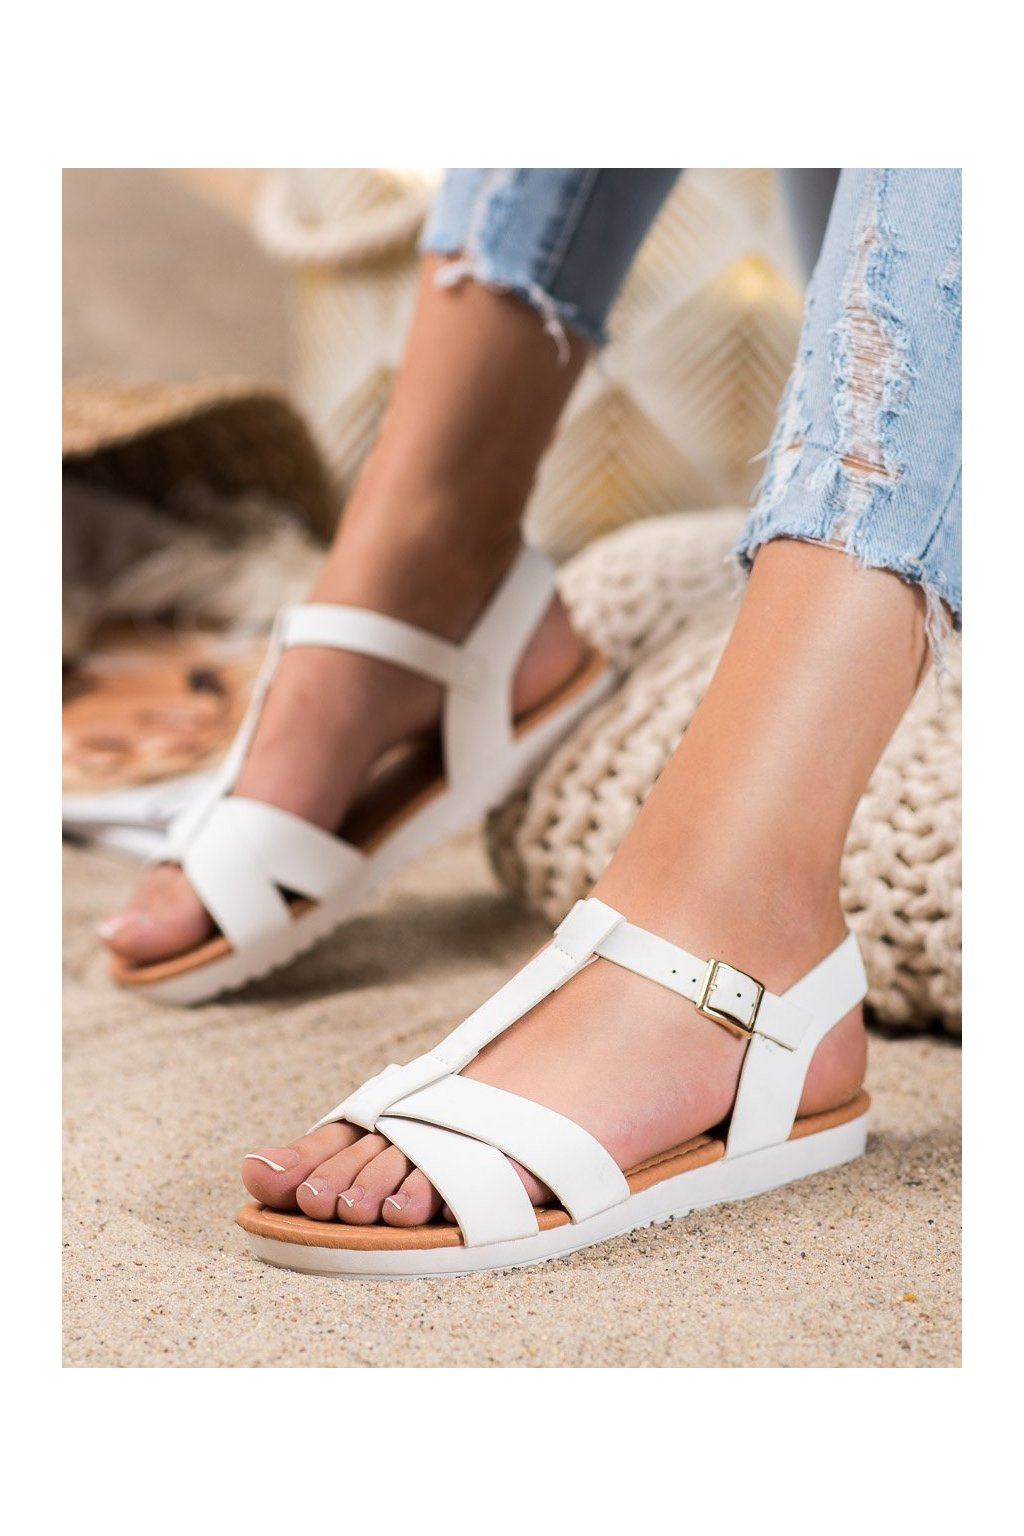 Biele sandále Shelovet kod SBX-29W